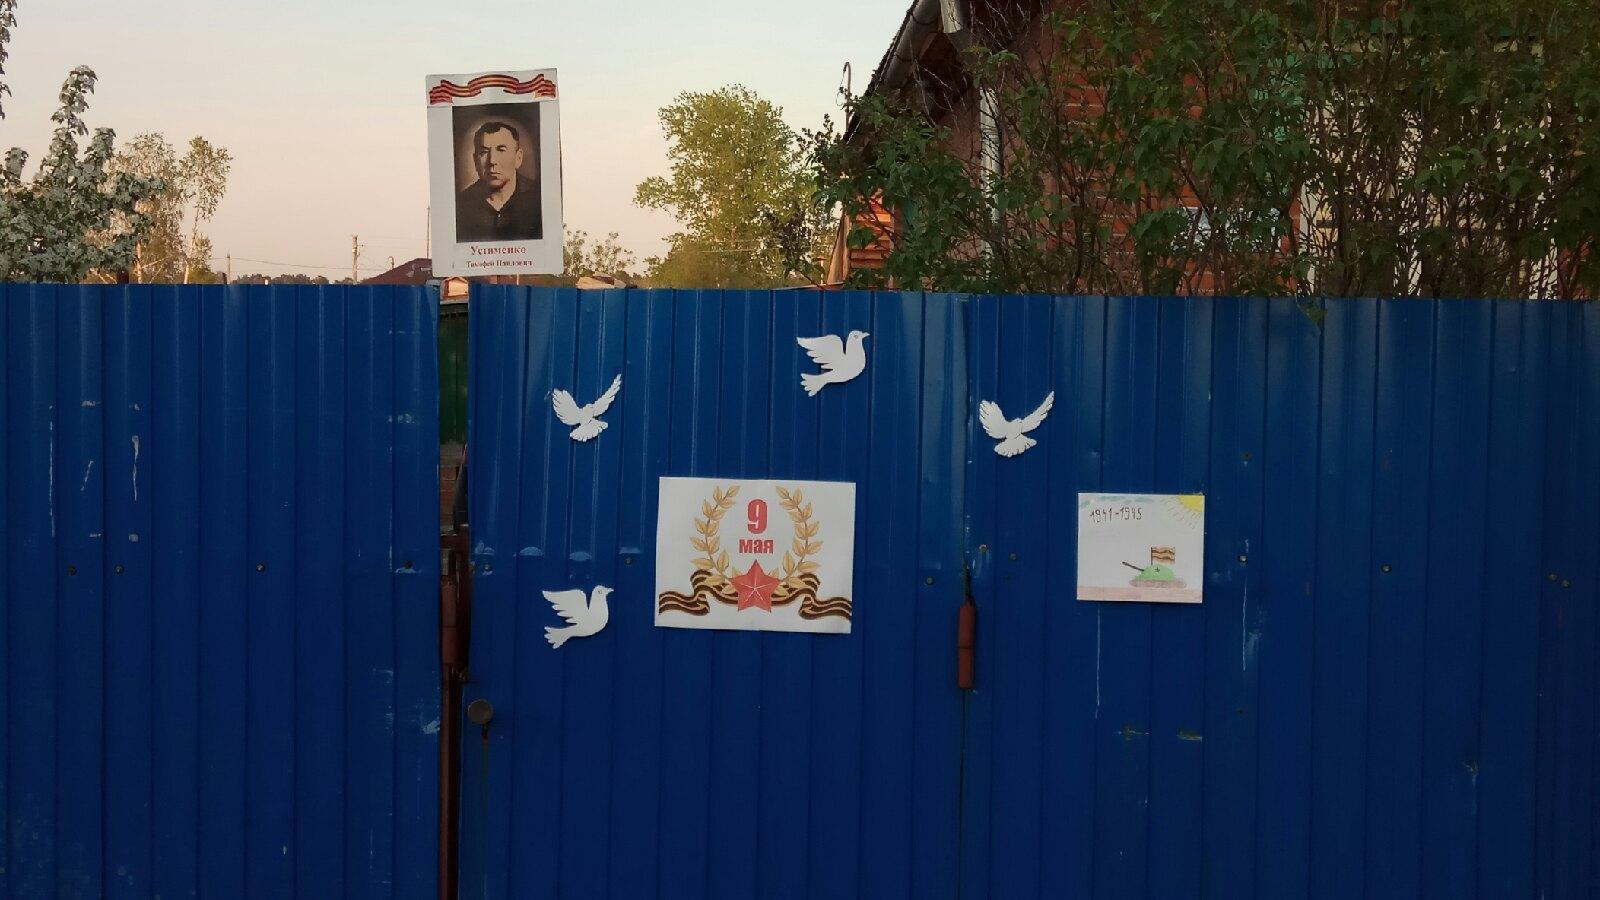 Фото Бессмертный полк офлайн: новосибирцы придумали способ принять участие в традиционной акции на День Победы 9